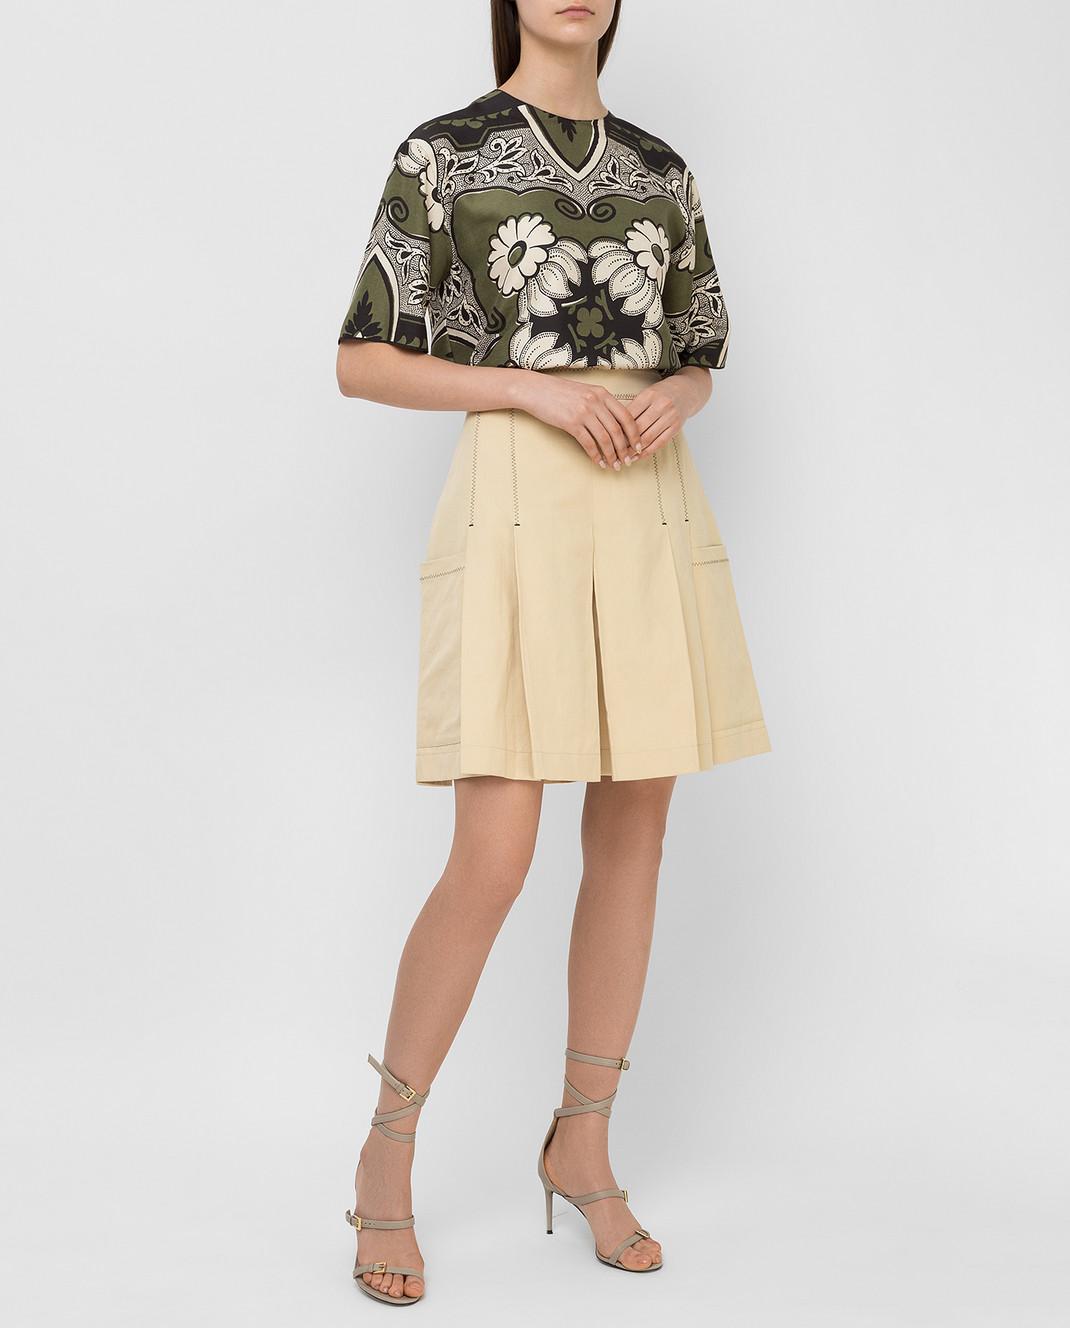 Bottega Veneta Бежевая юбка 369633 изображение 2